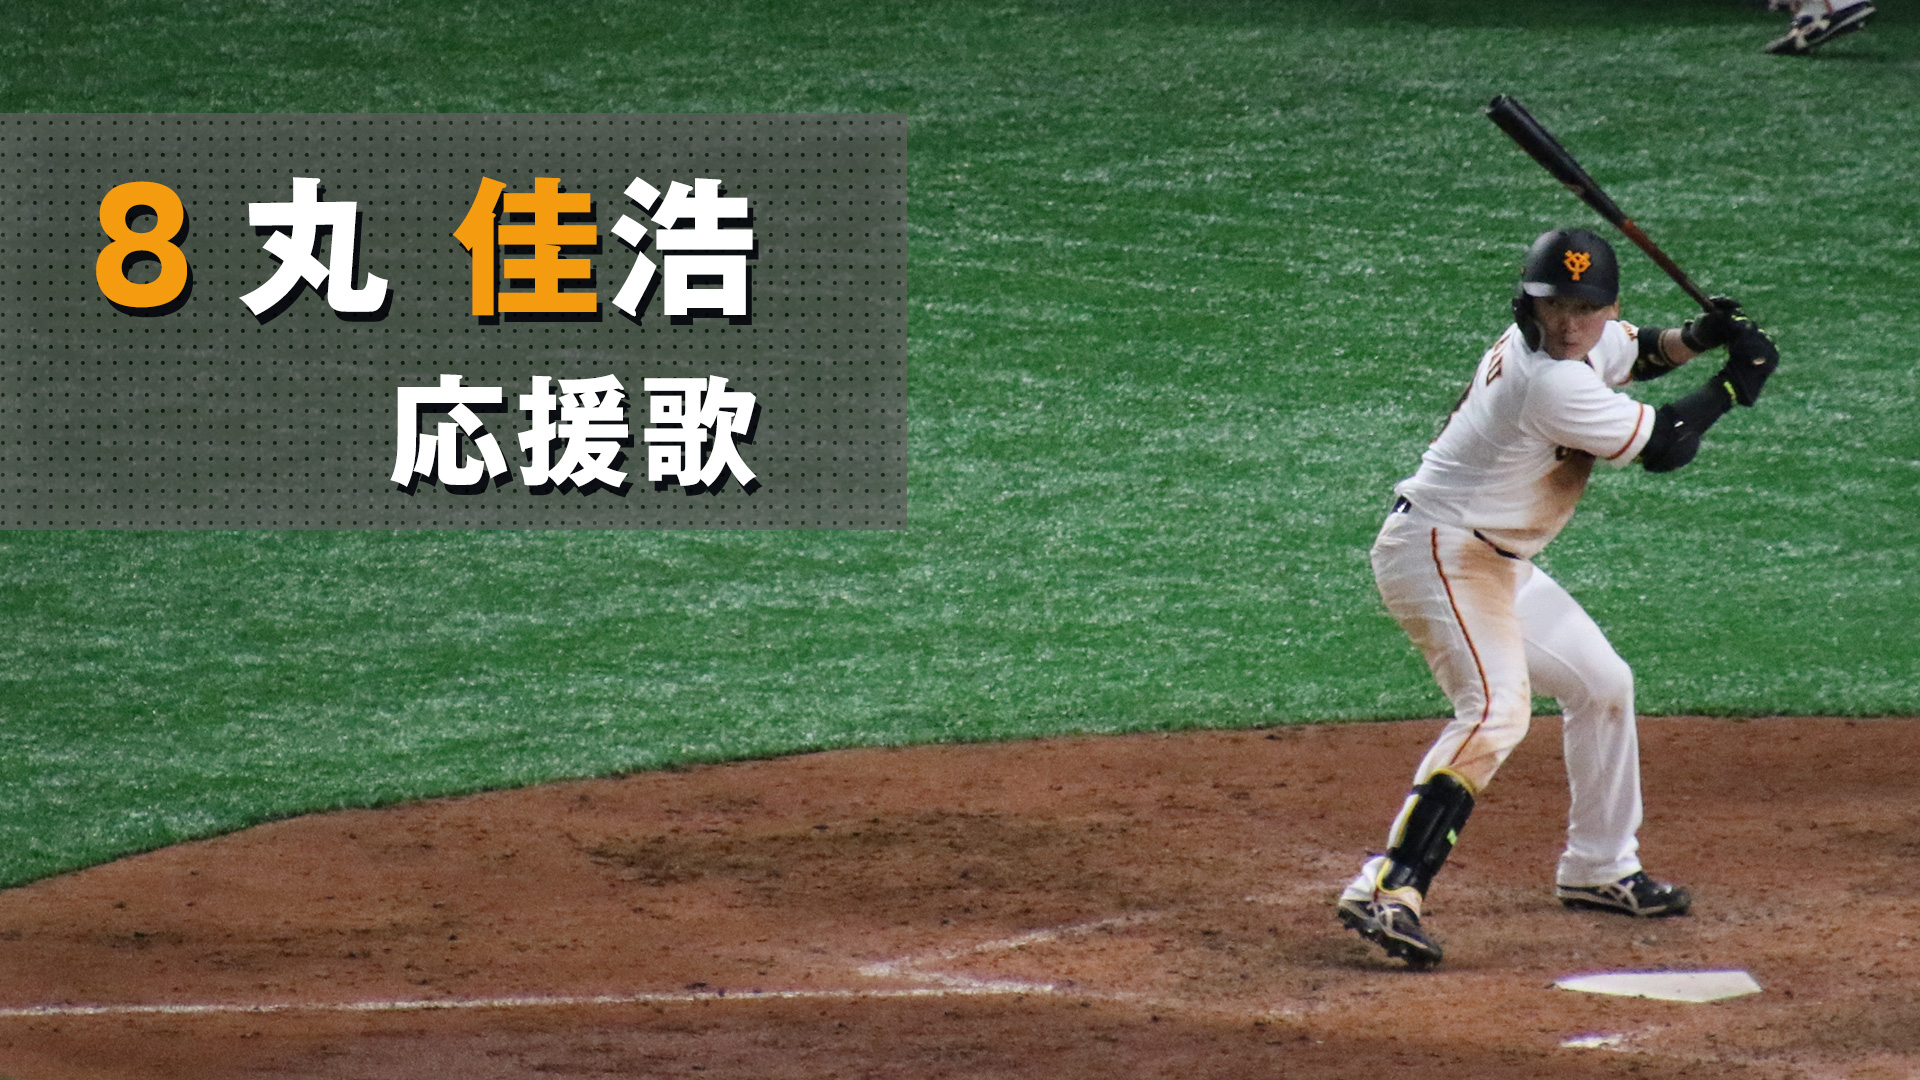 読売ジャイアンツ #8 丸佳浩 応援歌